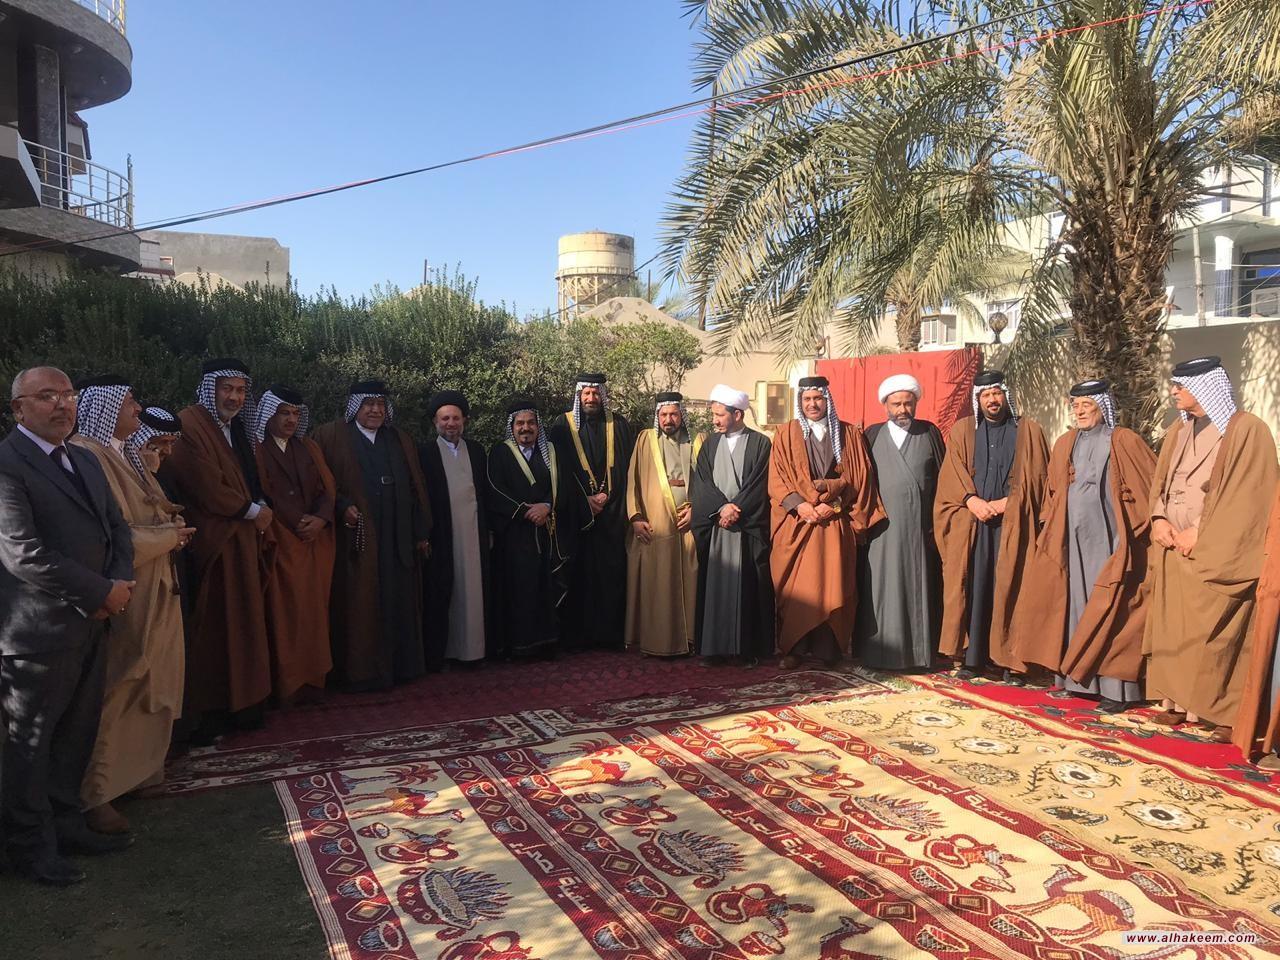 ممثل سماحة المرجع الديني الكبير السيد الحكيم (مدّ ظله)، يلتقي بوجهاء وشخصيات عشائر العابد في محافظة واسط